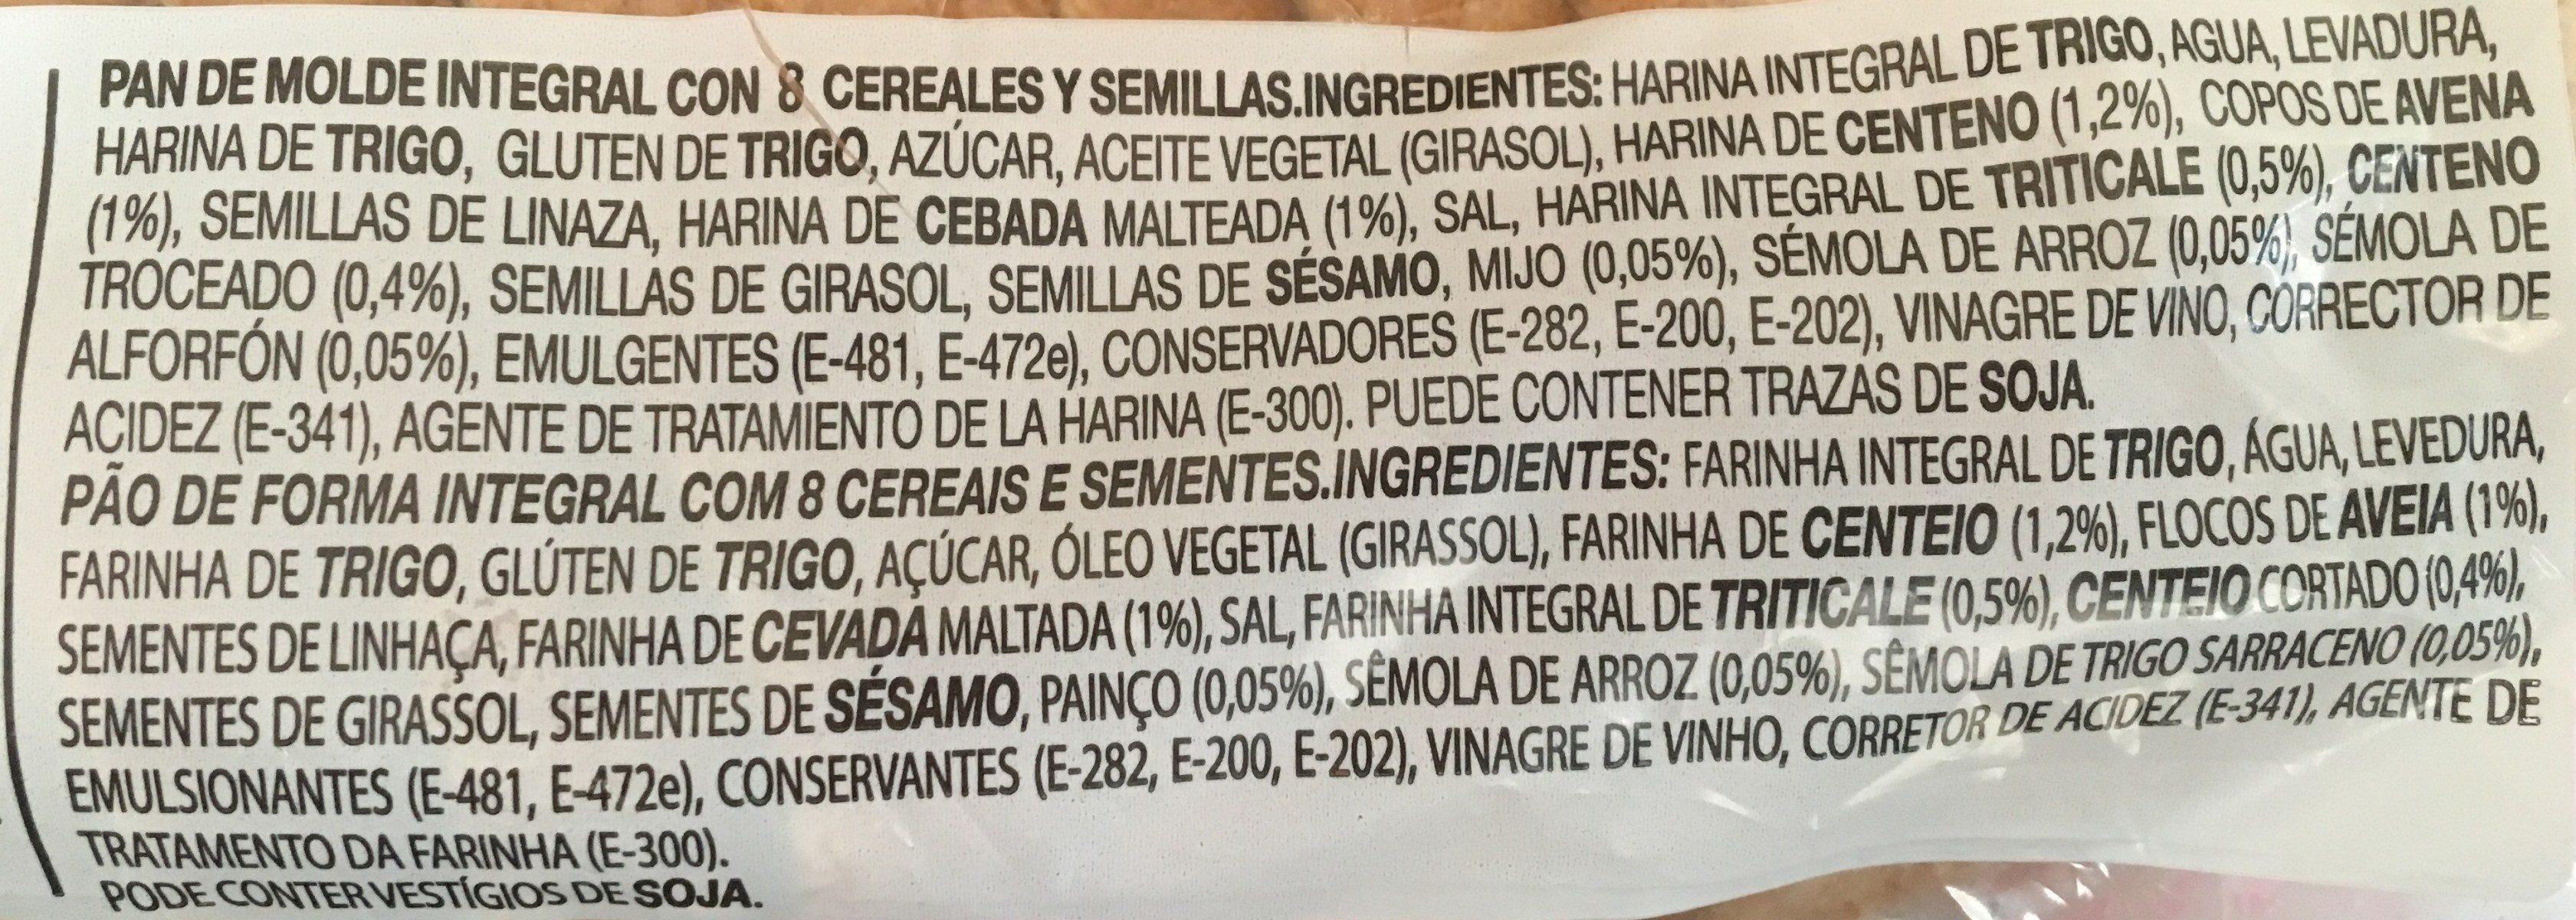 Silueta pan de molde integral cereales completo - Ingredients - en